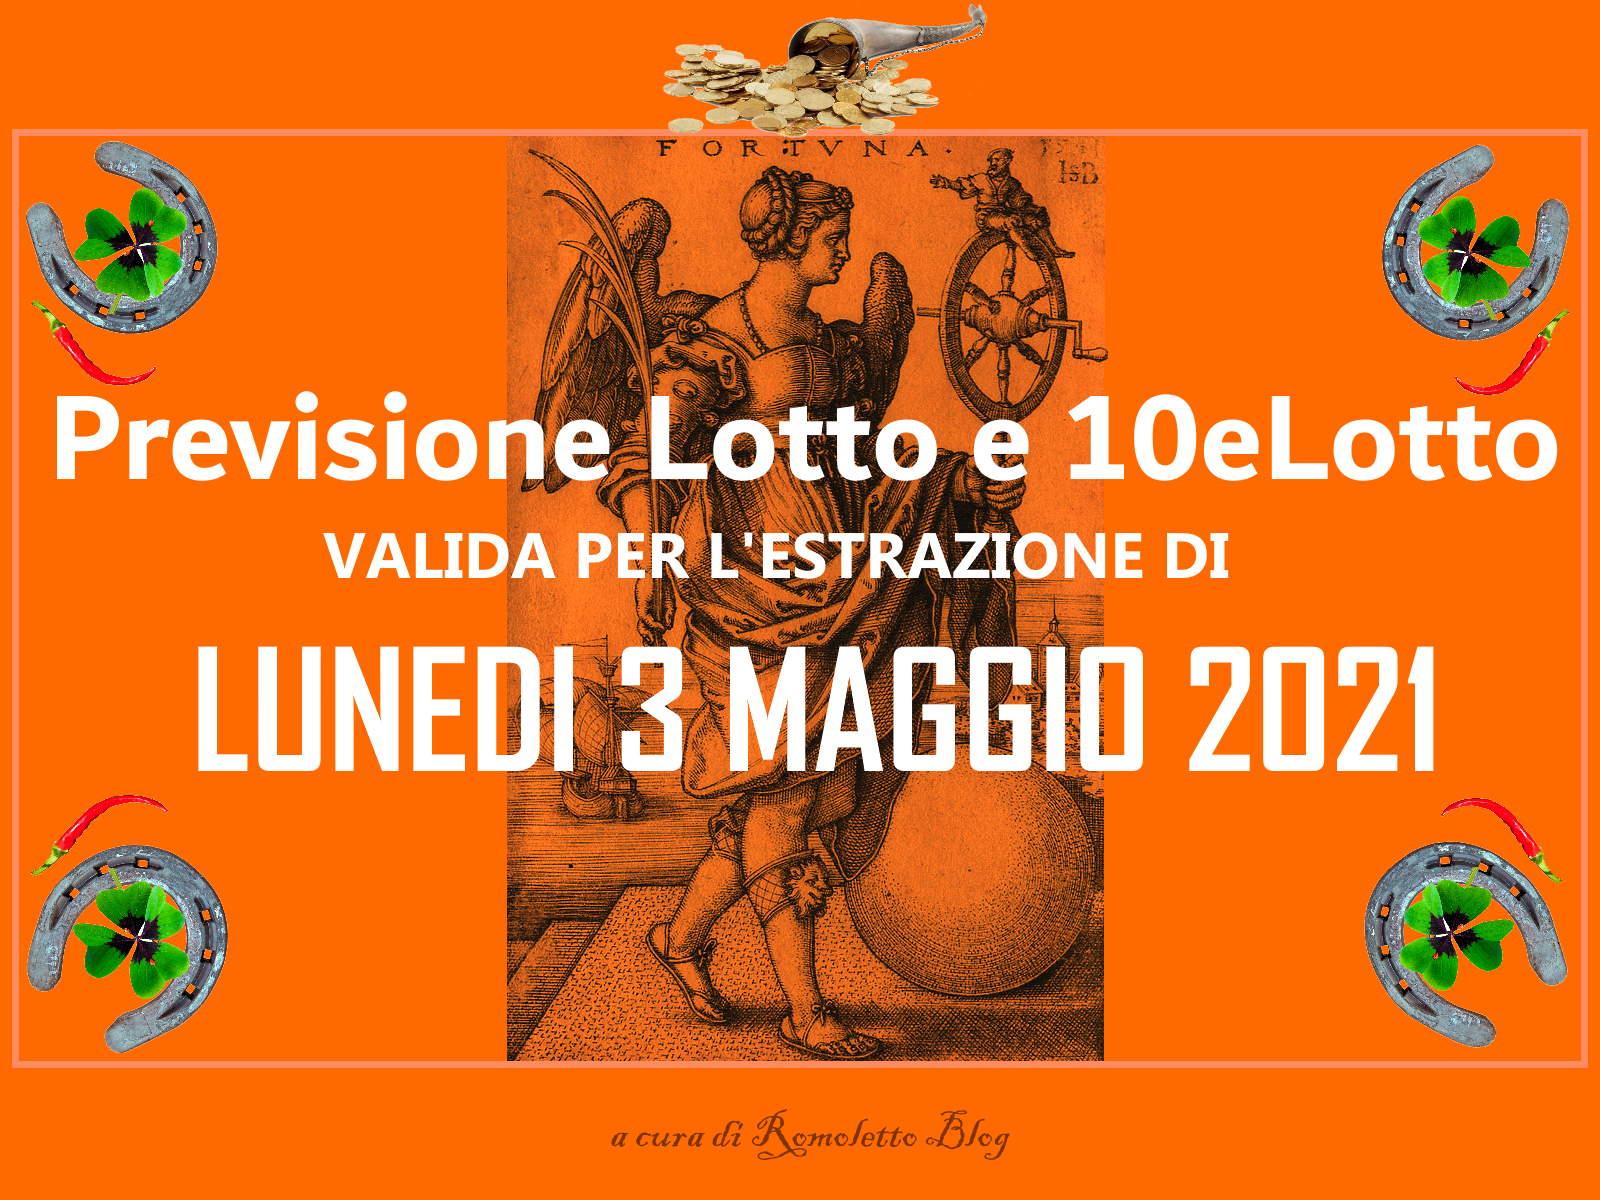 Previsione Lotto 3 Maggio 2021